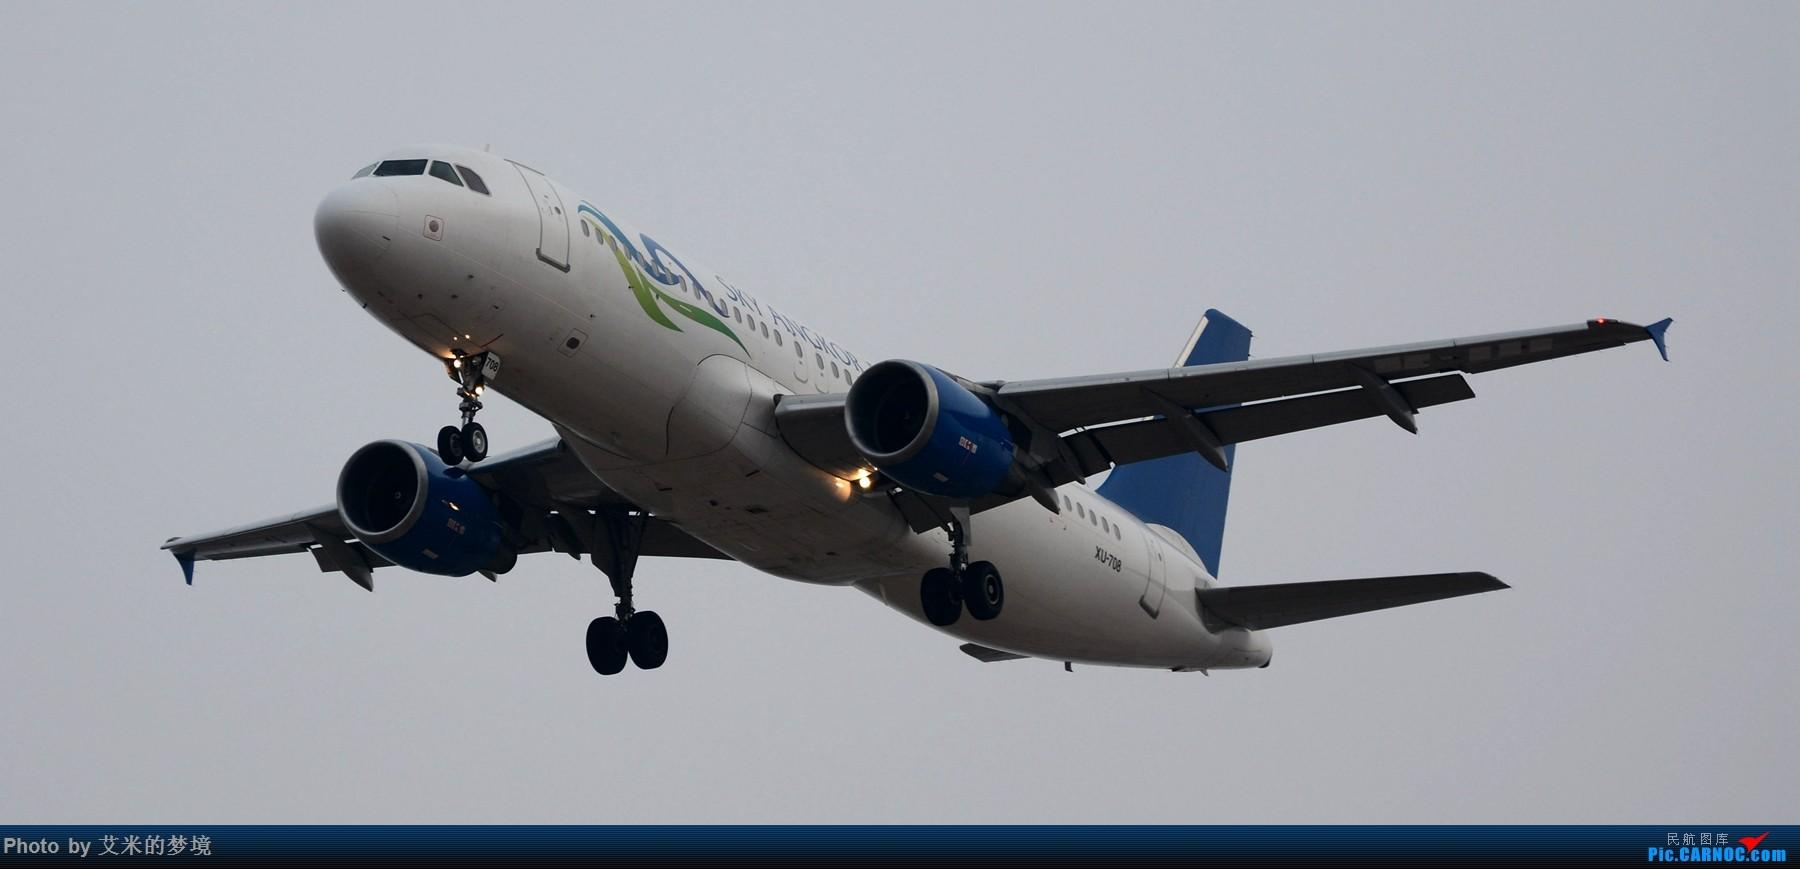 Re:[原创]【carnoc重庆飞友会】春运辣么忙,我想去拍拍。天气那么烂,技术也不好。 AIRBUS A320-200 XU-708 中国兰州中川国际机场